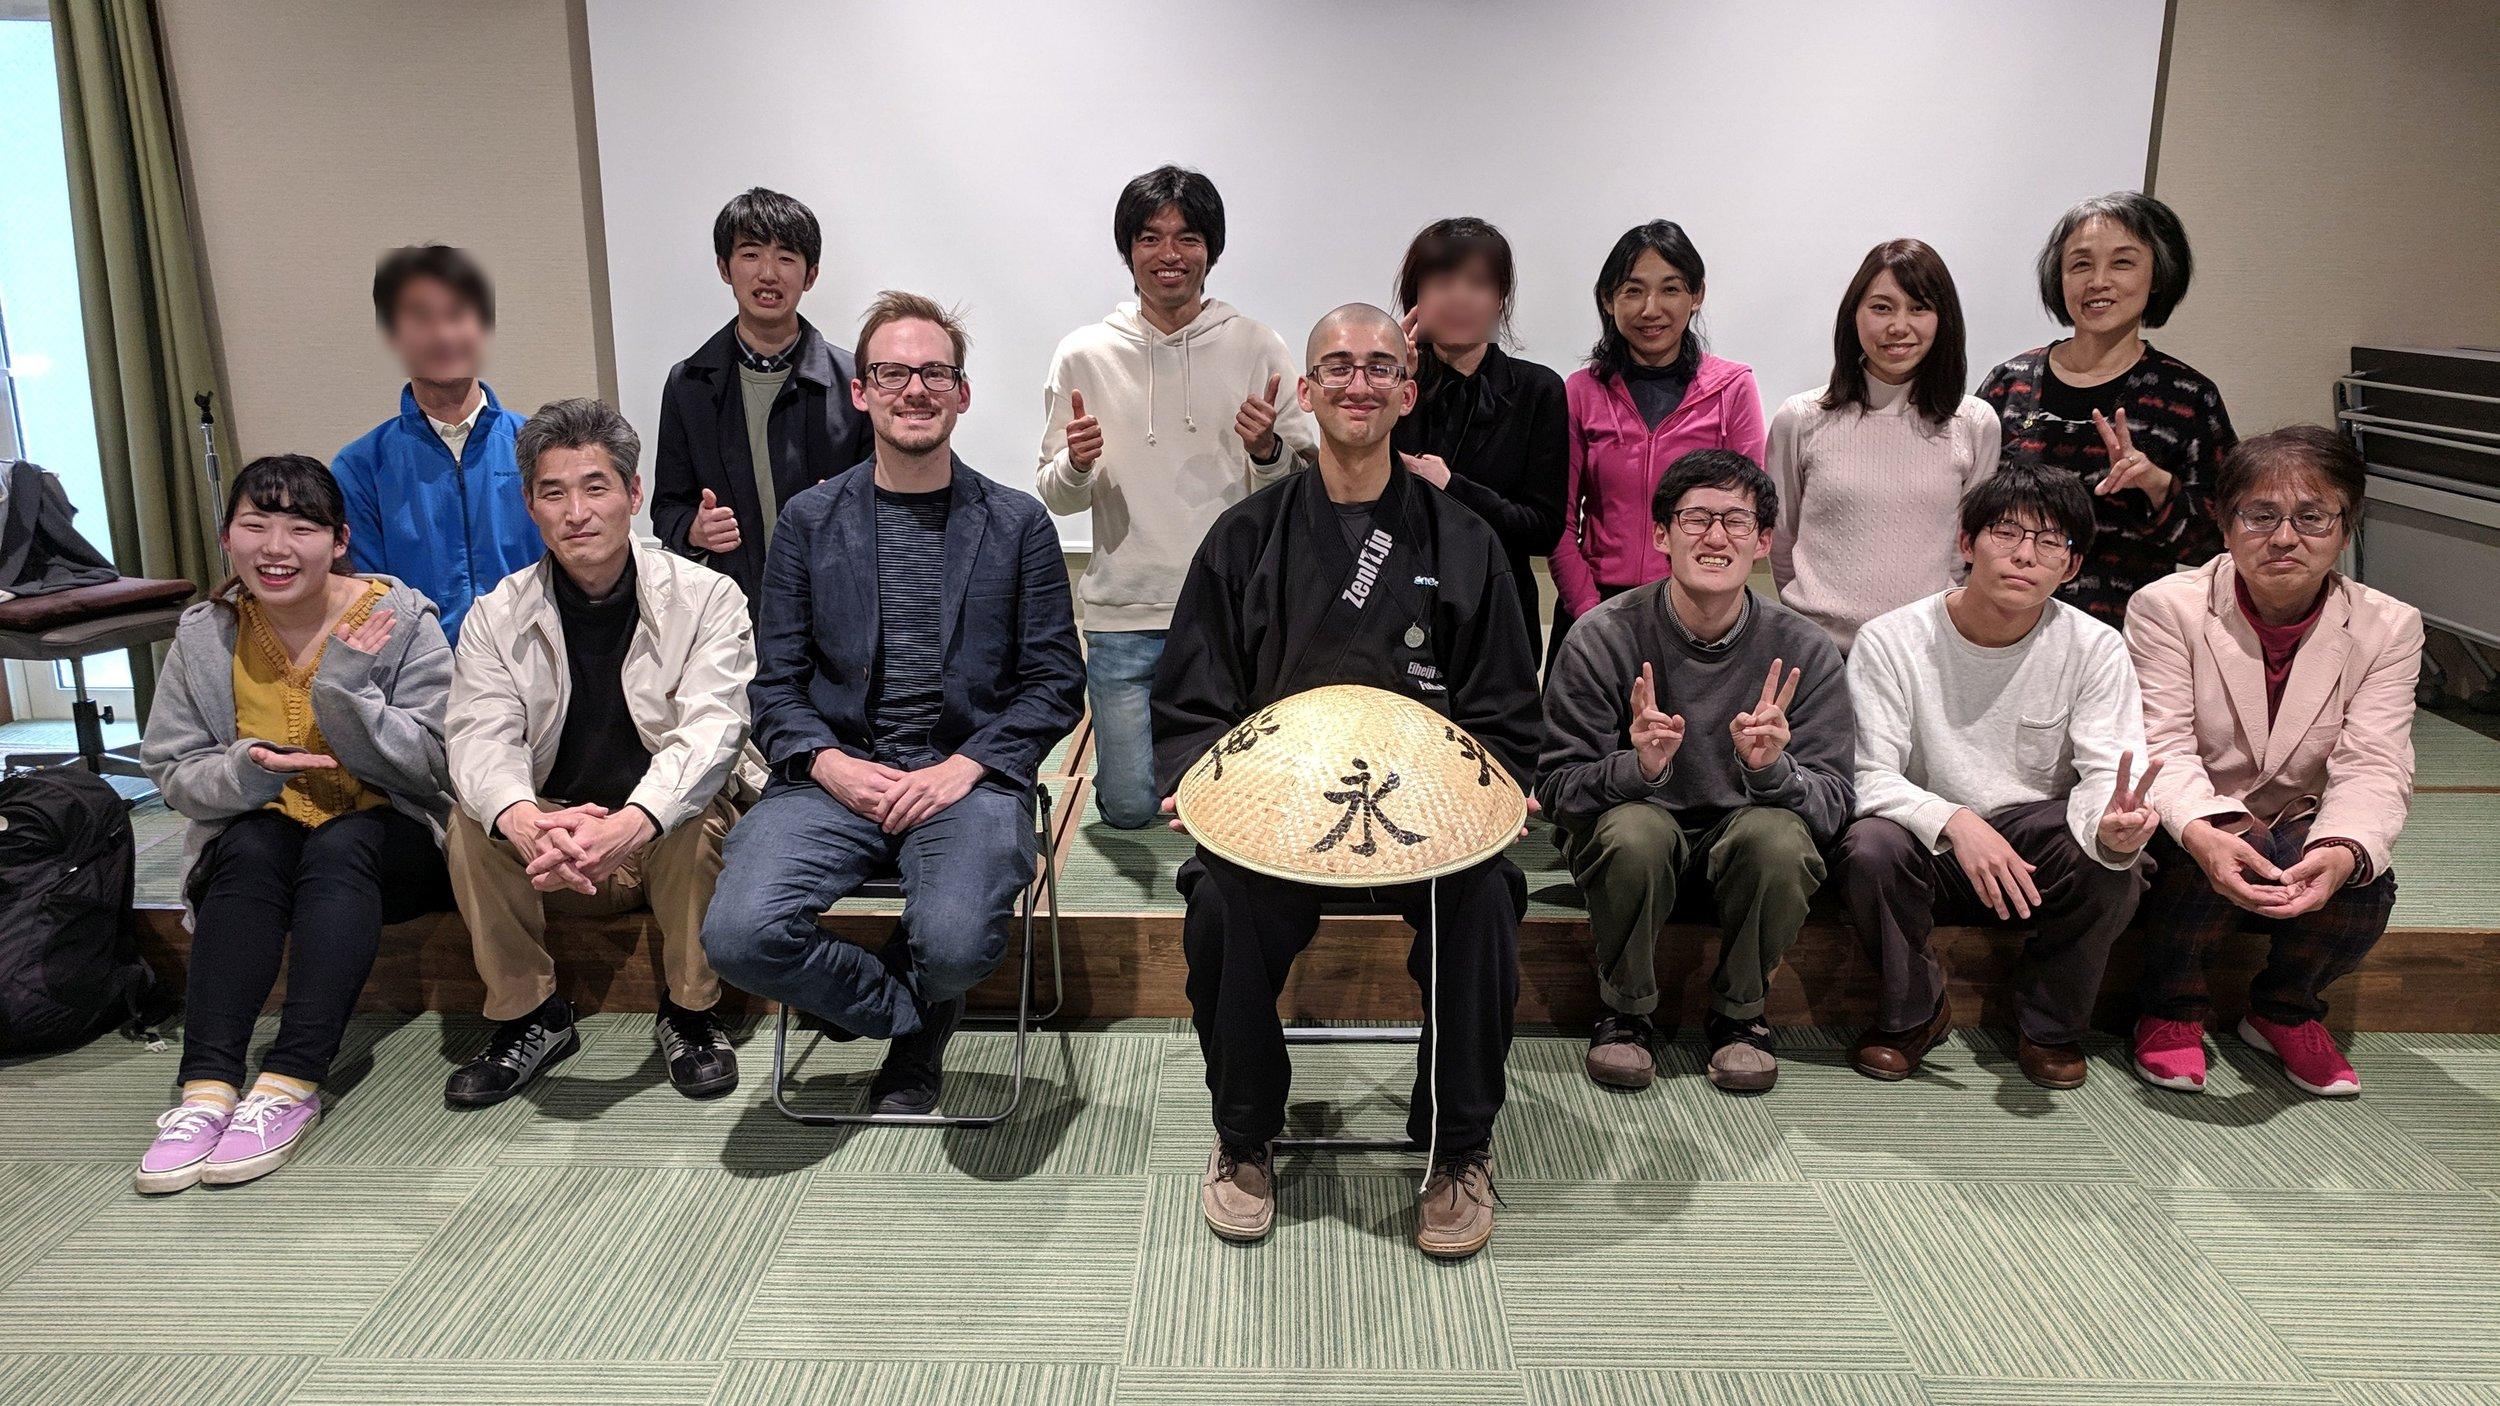 当日の参加者 / Participants